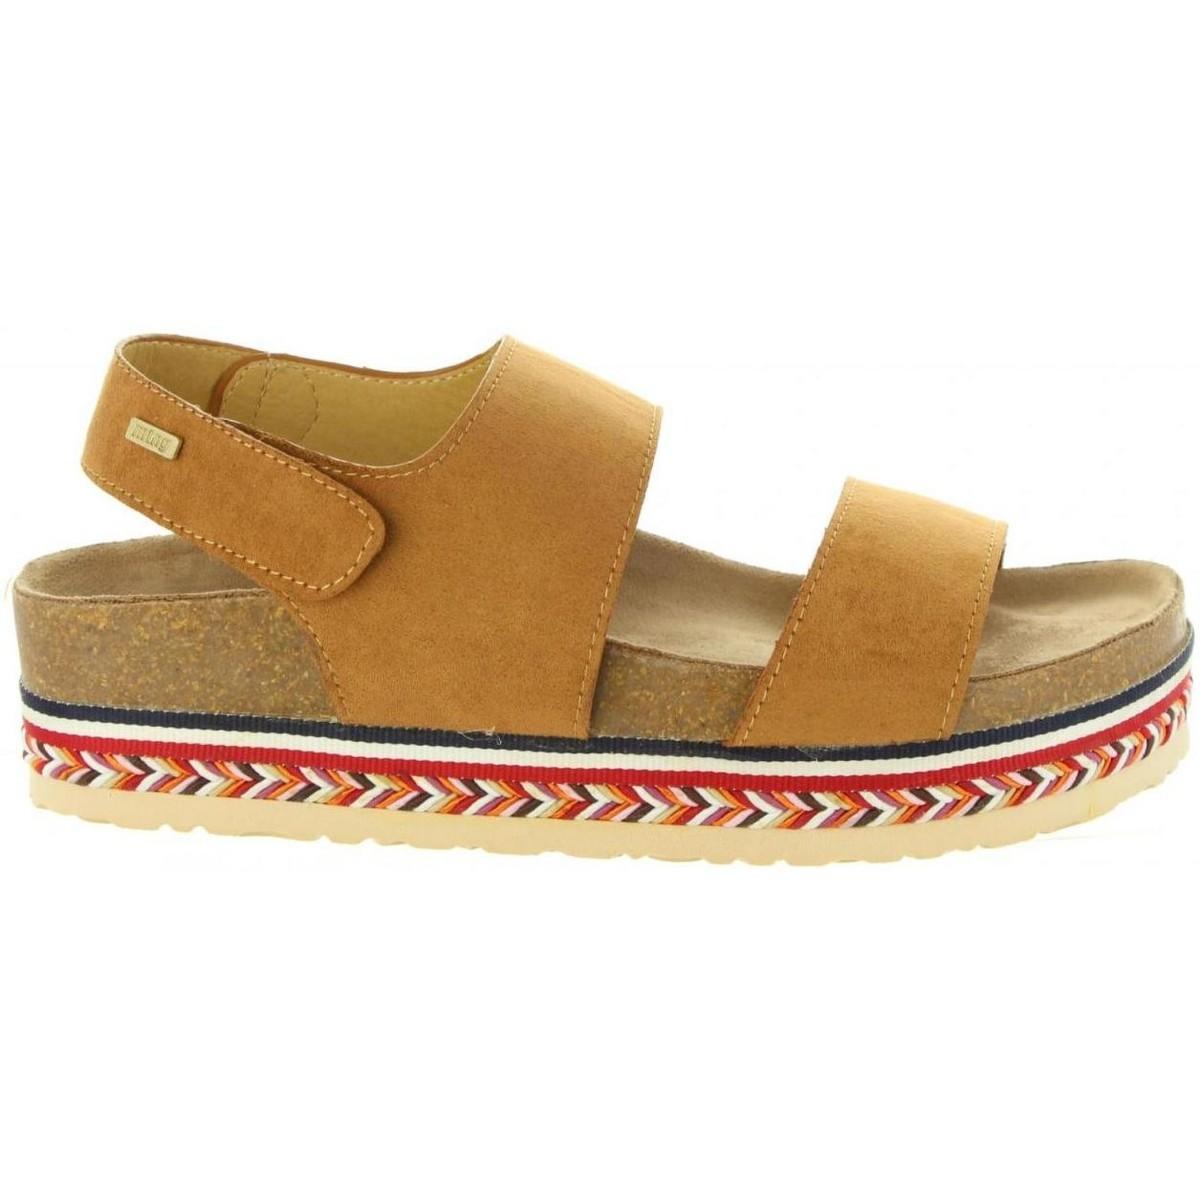 MTNG 50898 LAVONNE Marrón - Chaussures Sandale Femme